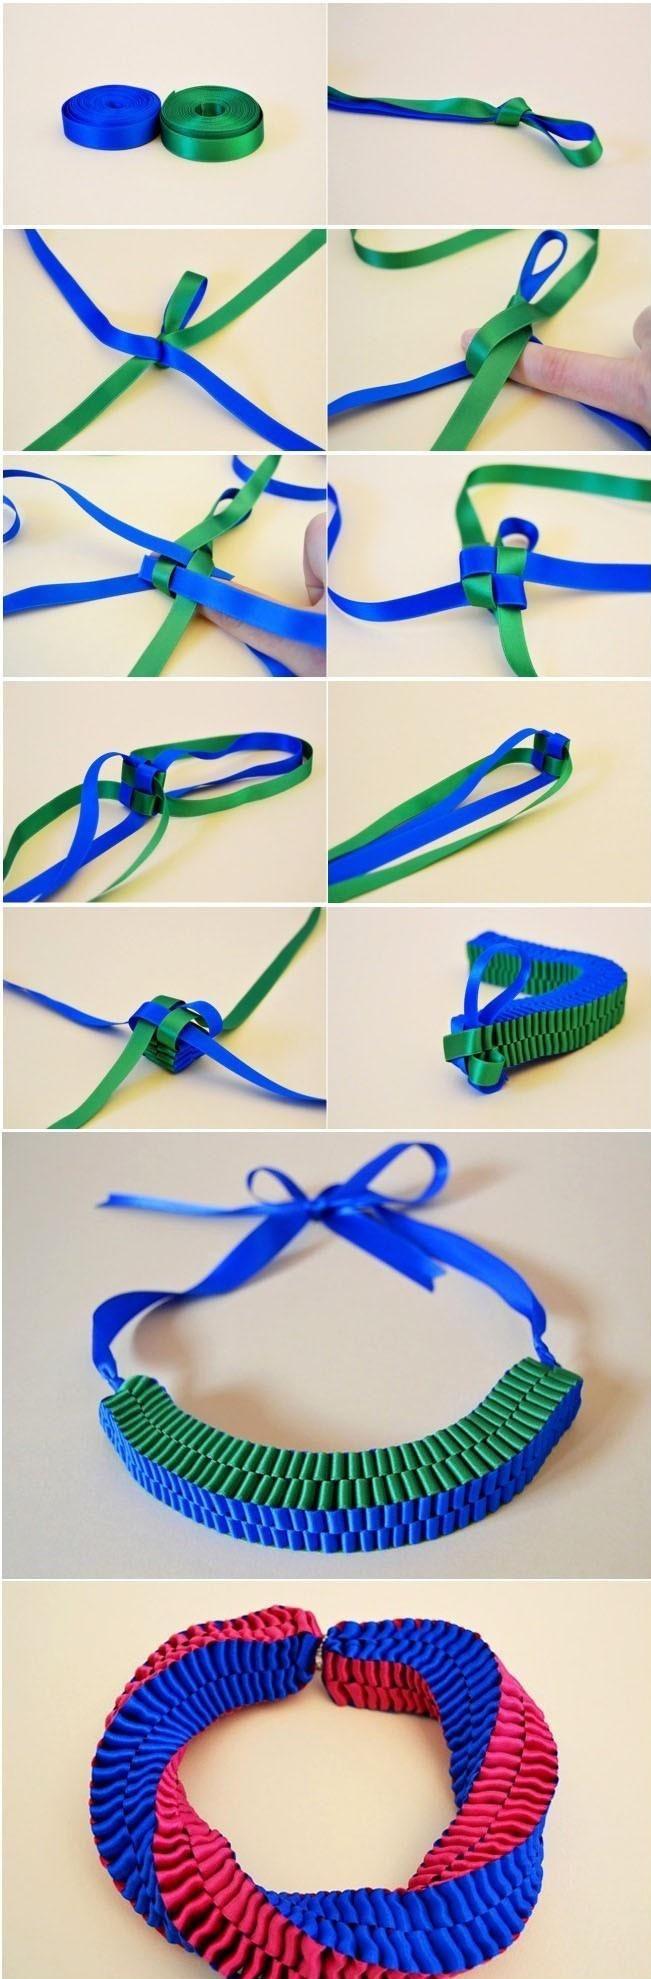 DIY Statement Ribbon Necklace/Bracelet